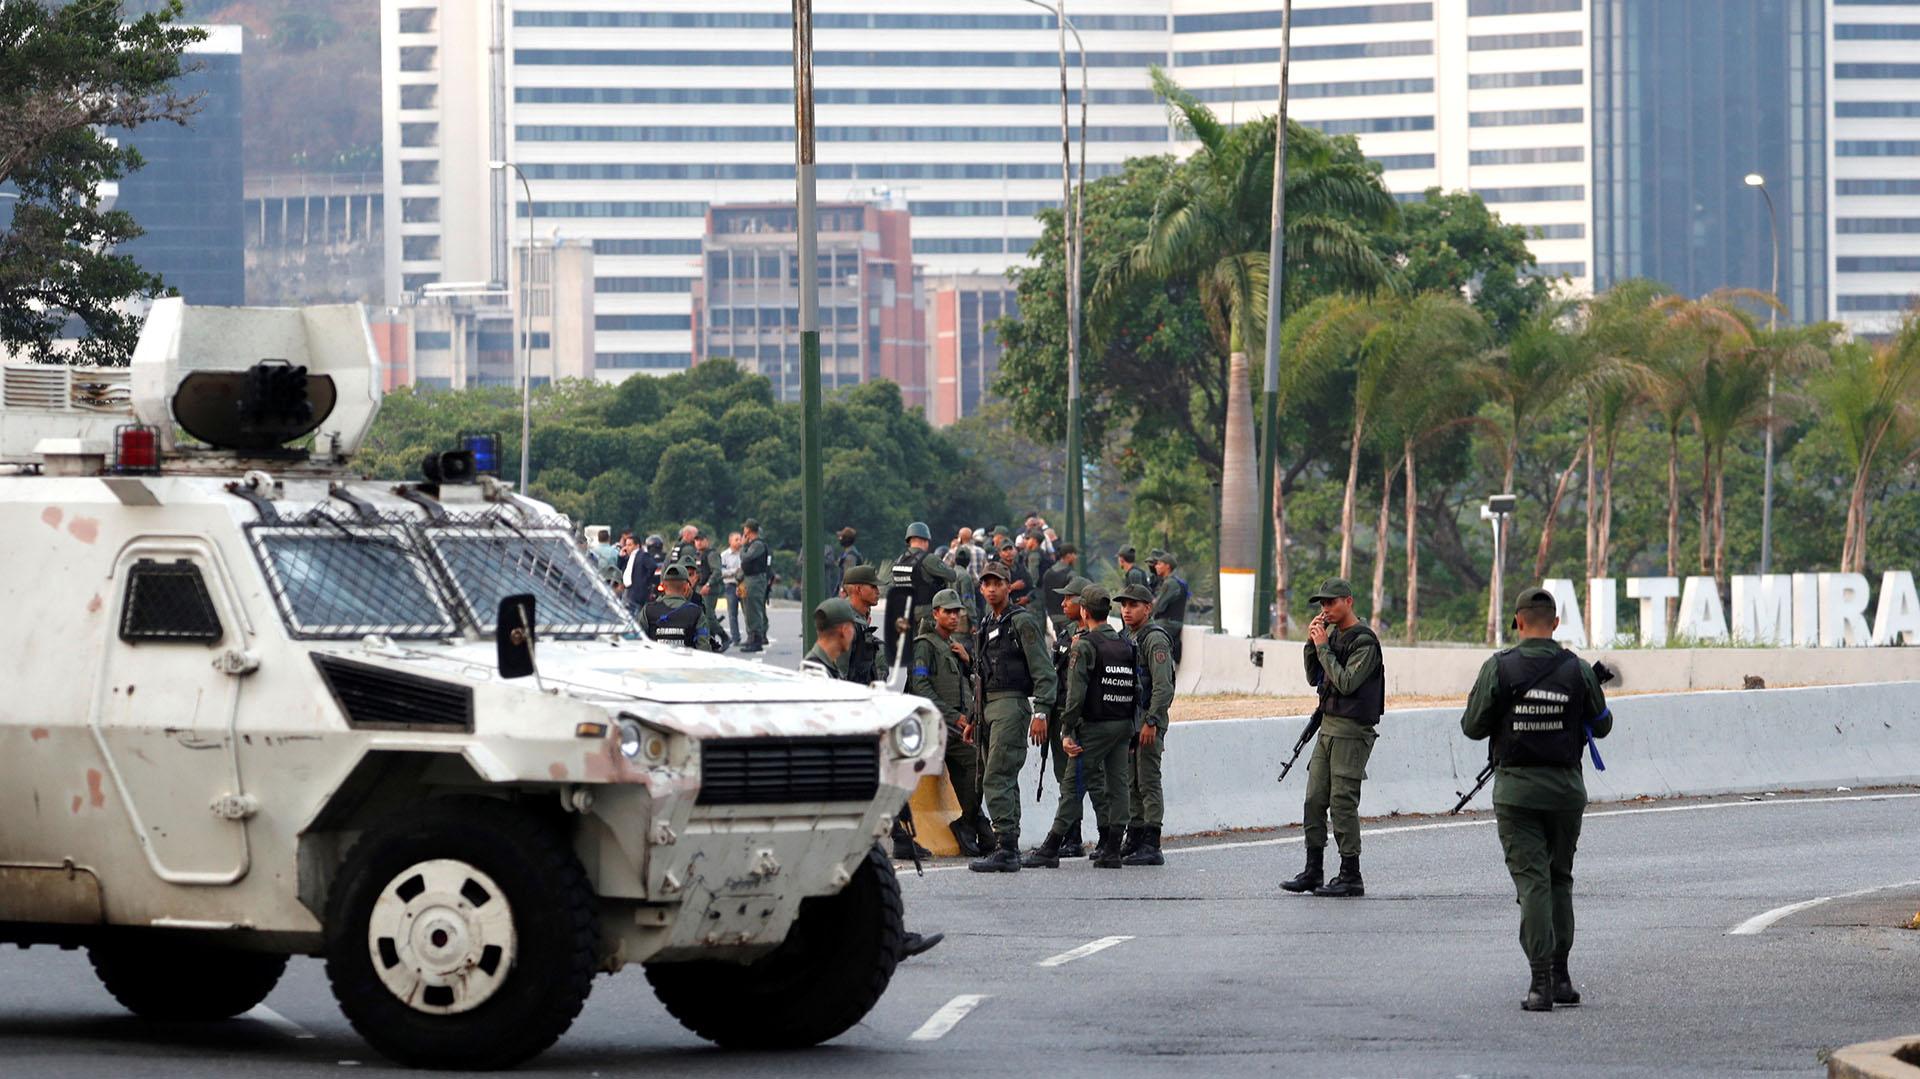 """Militares hacen guardia cerca de la Base Aérea Generalísimo Francisco de Miranda """"La Carlota"""", en Caracas, Venezuela, el 30 de abril de 2019. REUTERS/Carlos Garcia Rawlins"""